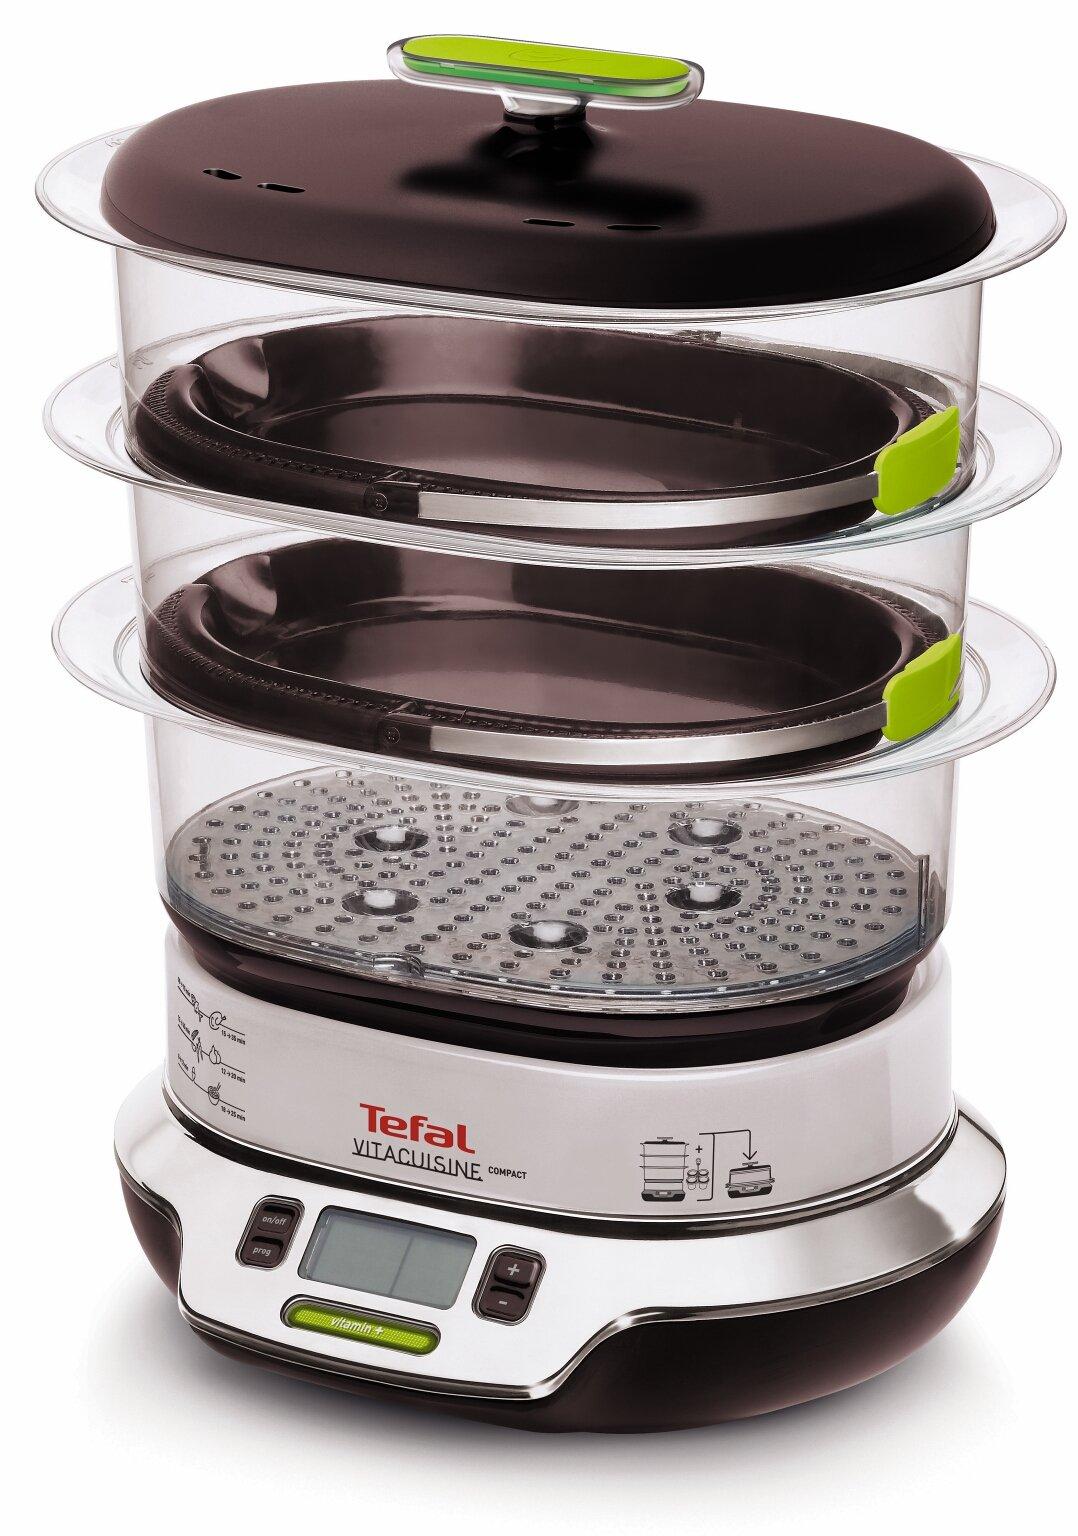 Tefal VS4003 Cuiseur vapeur Vitacuisine Compact 1800 W avec livre de recettes (en langue italienne) product image